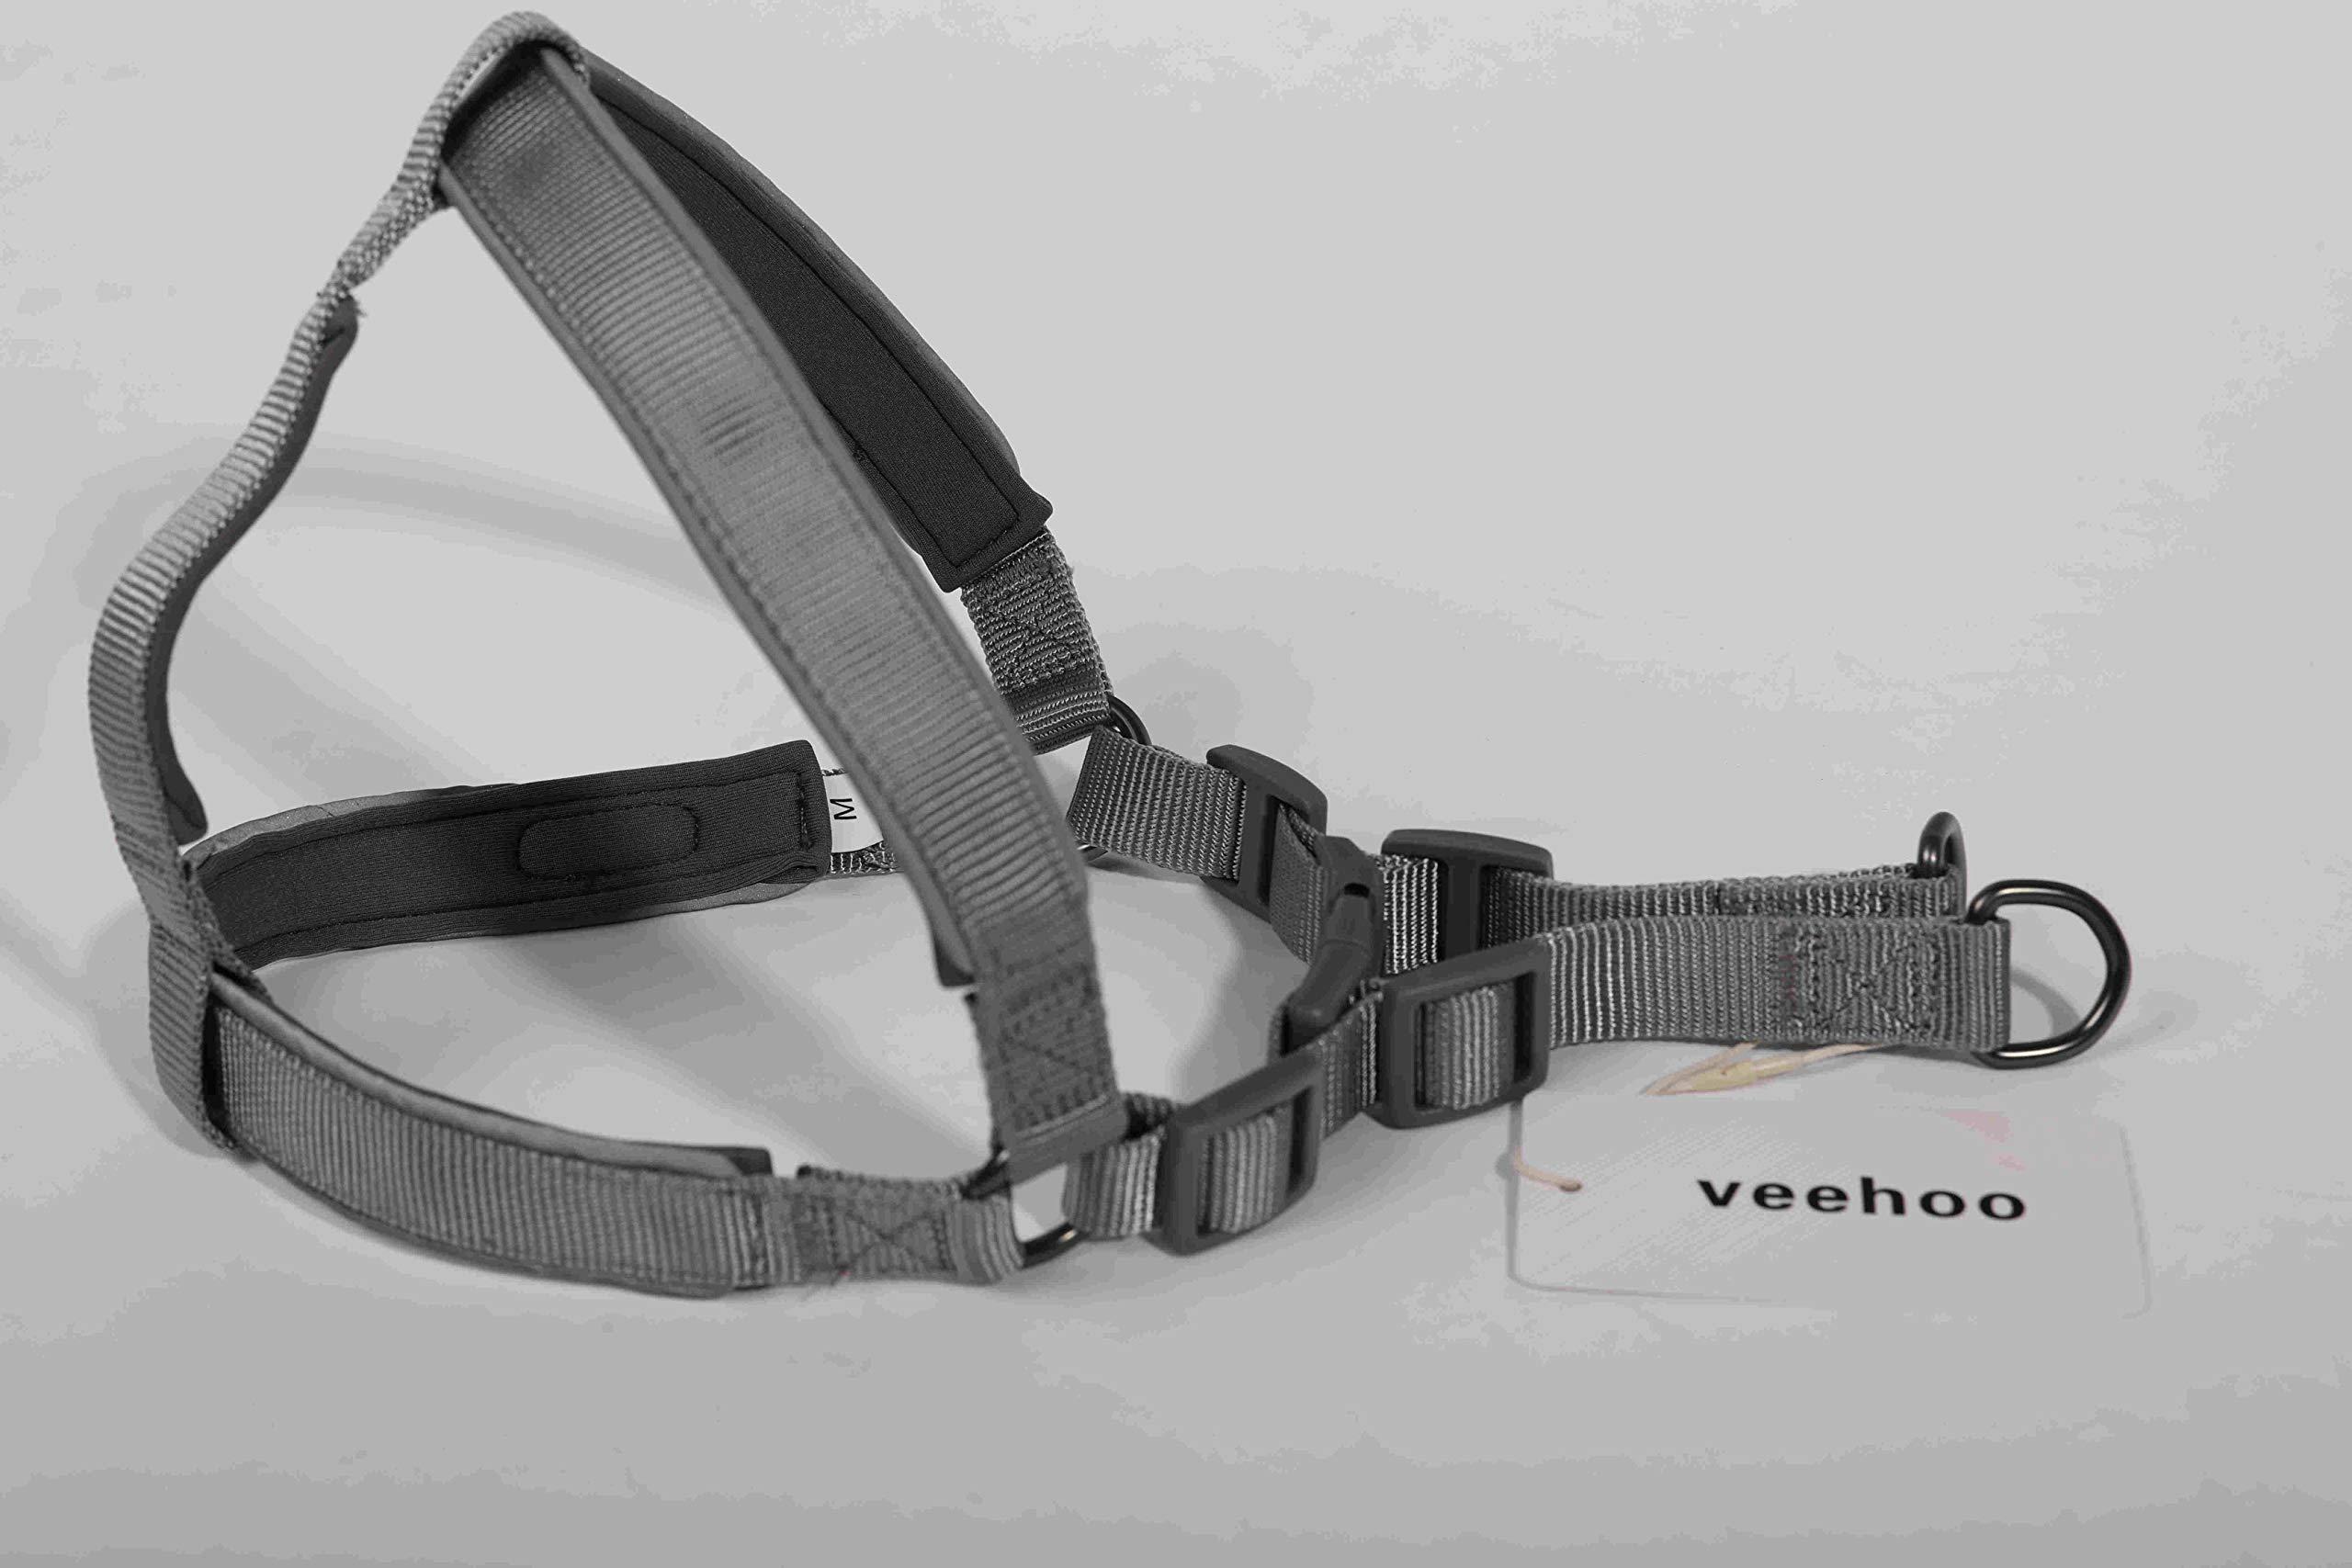 Veehoo Dog Safety Vest Harness, Pet Dog Adjustable Car Safety Mesh Harness Travel Strap Vest with Car Seat Belt